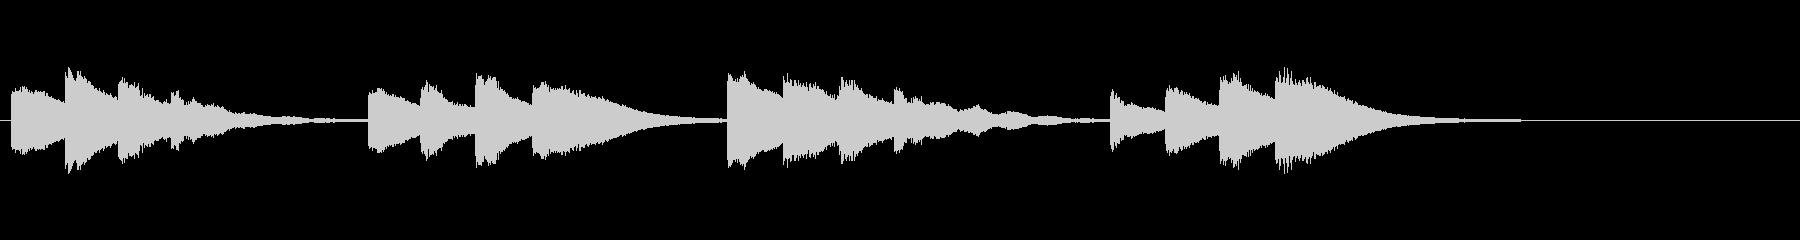 学校のチャイム/低音/キンコンカンコンの未再生の波形